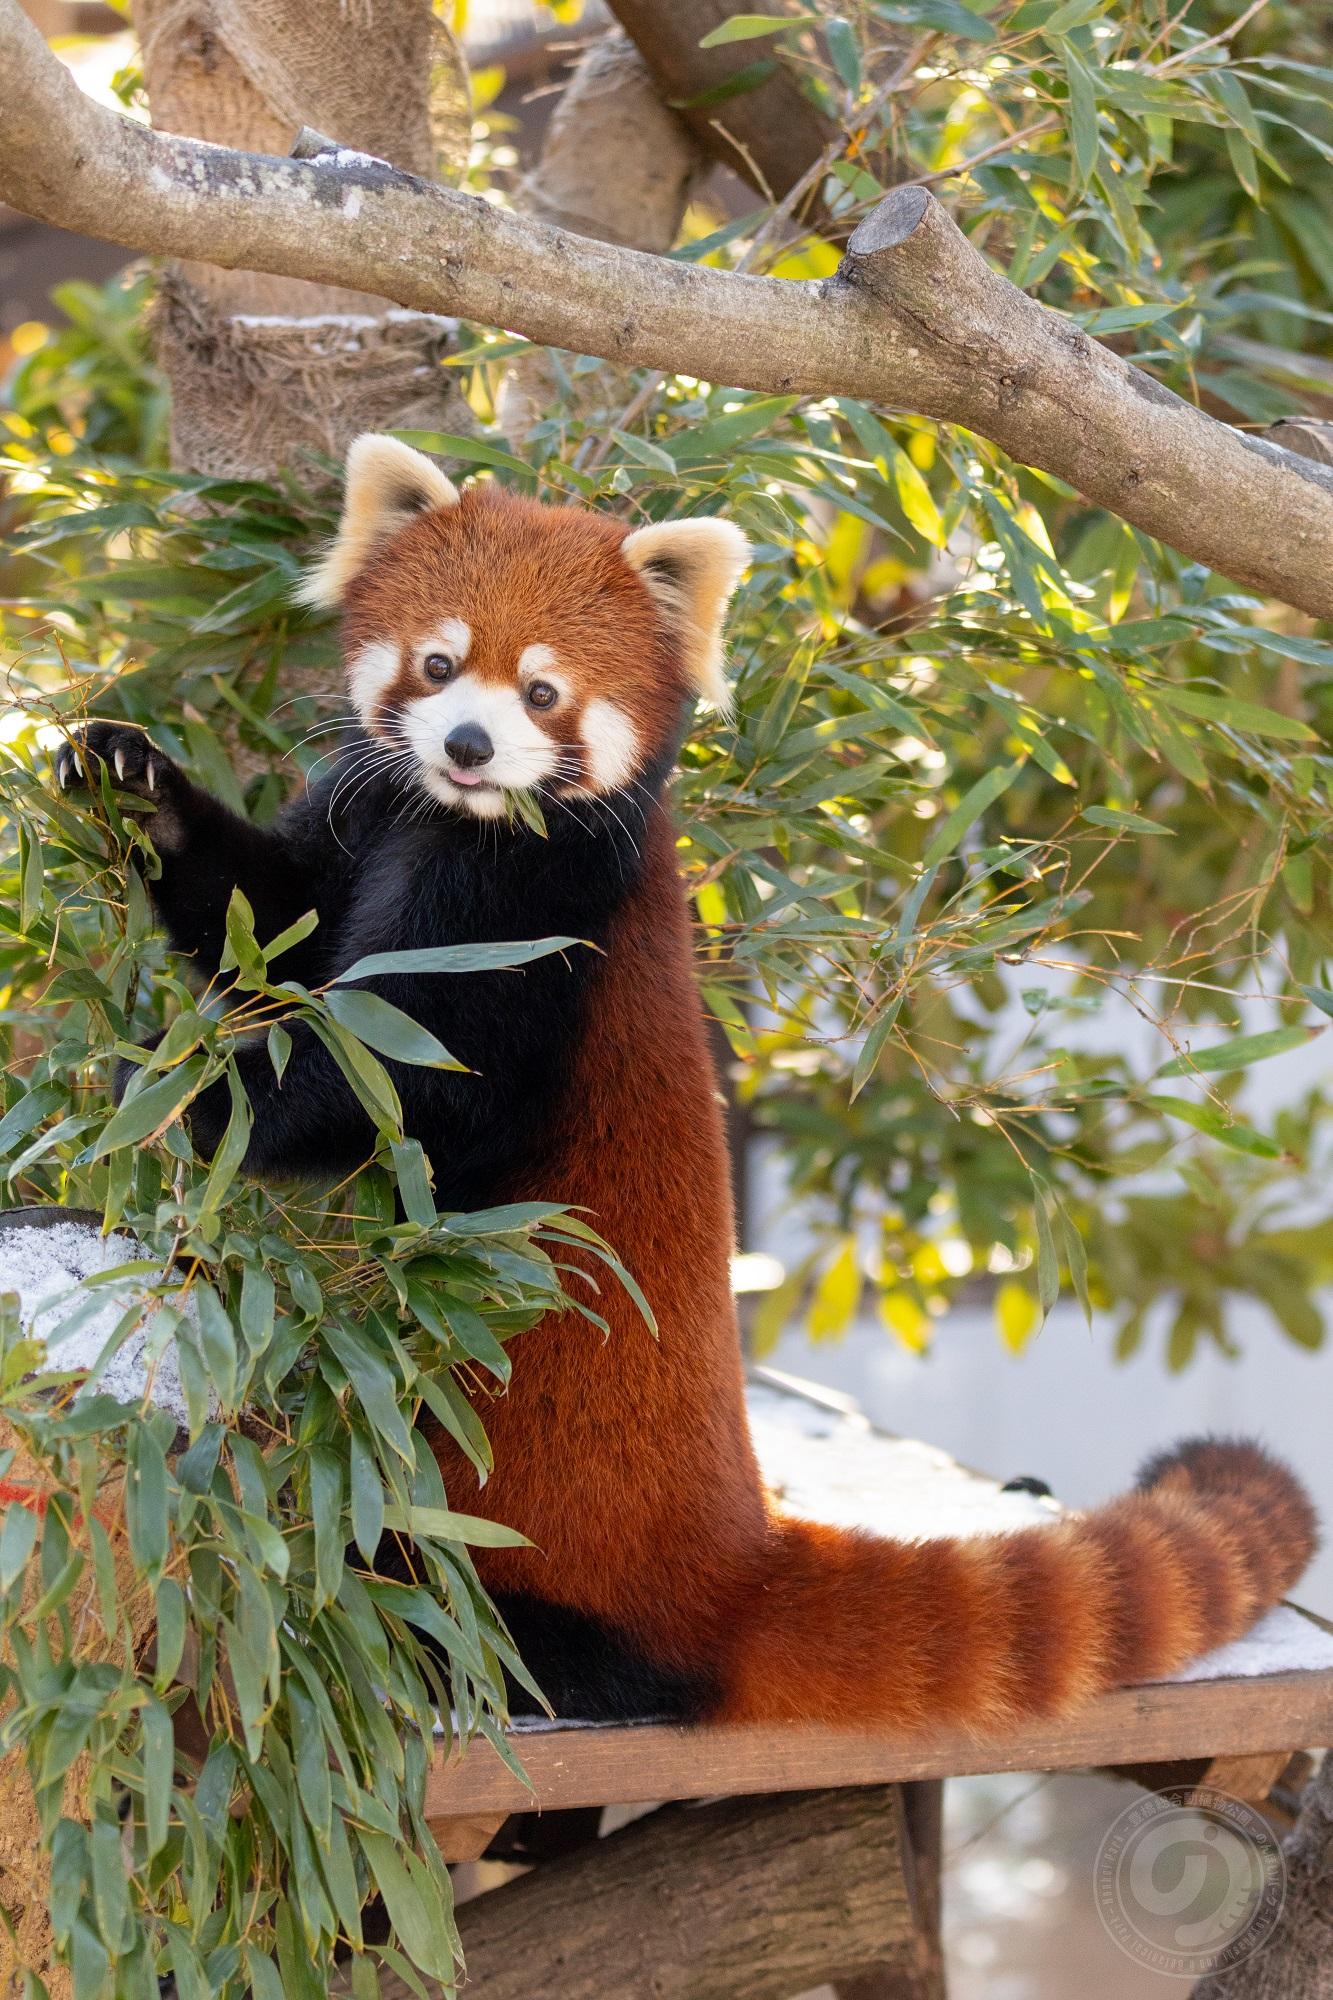 笹を食べているレッサーパンダの様子